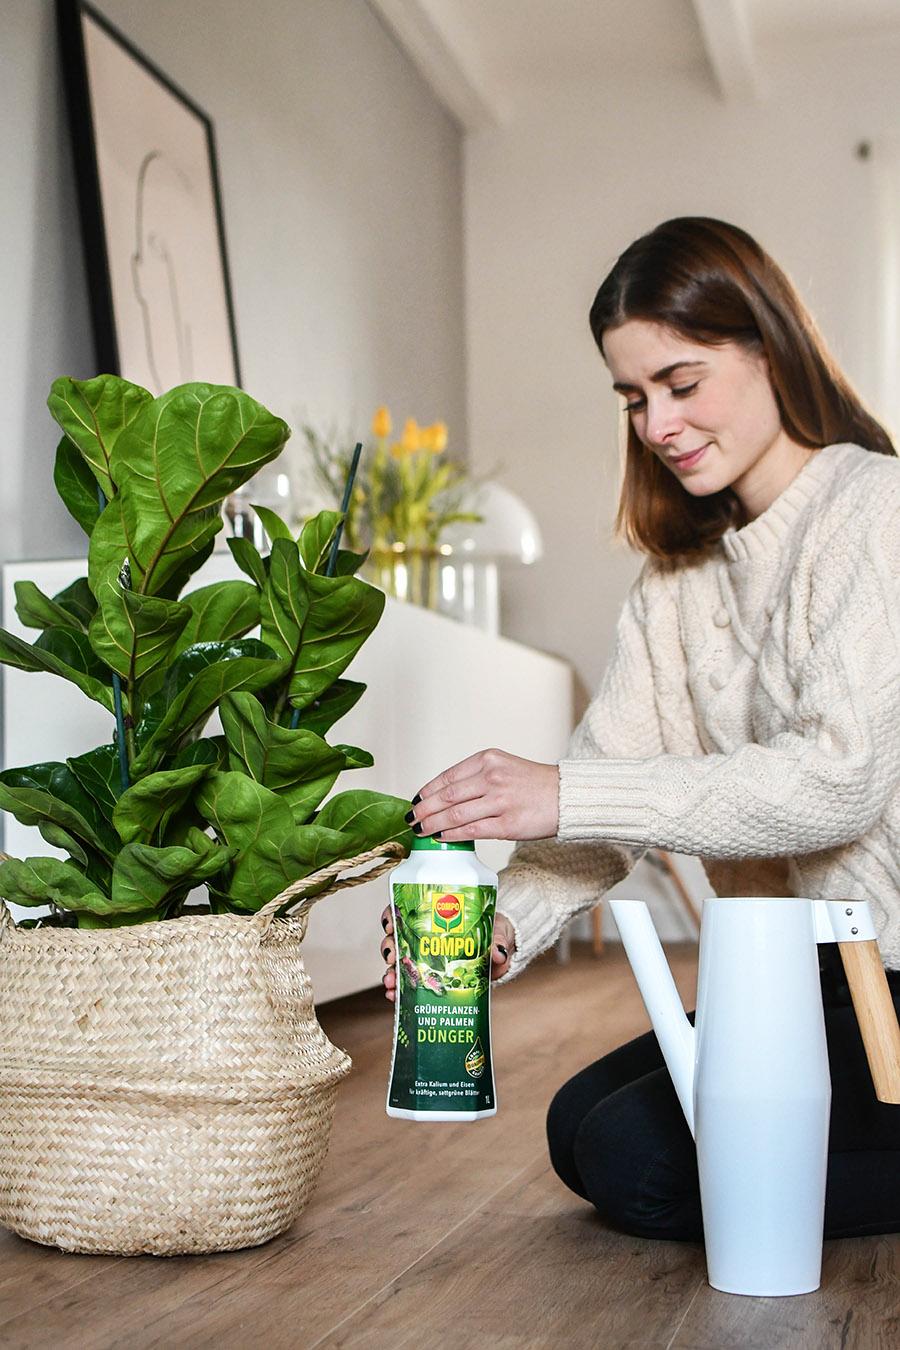 Pflanzen richtig pflegen - Tipps & Tricks